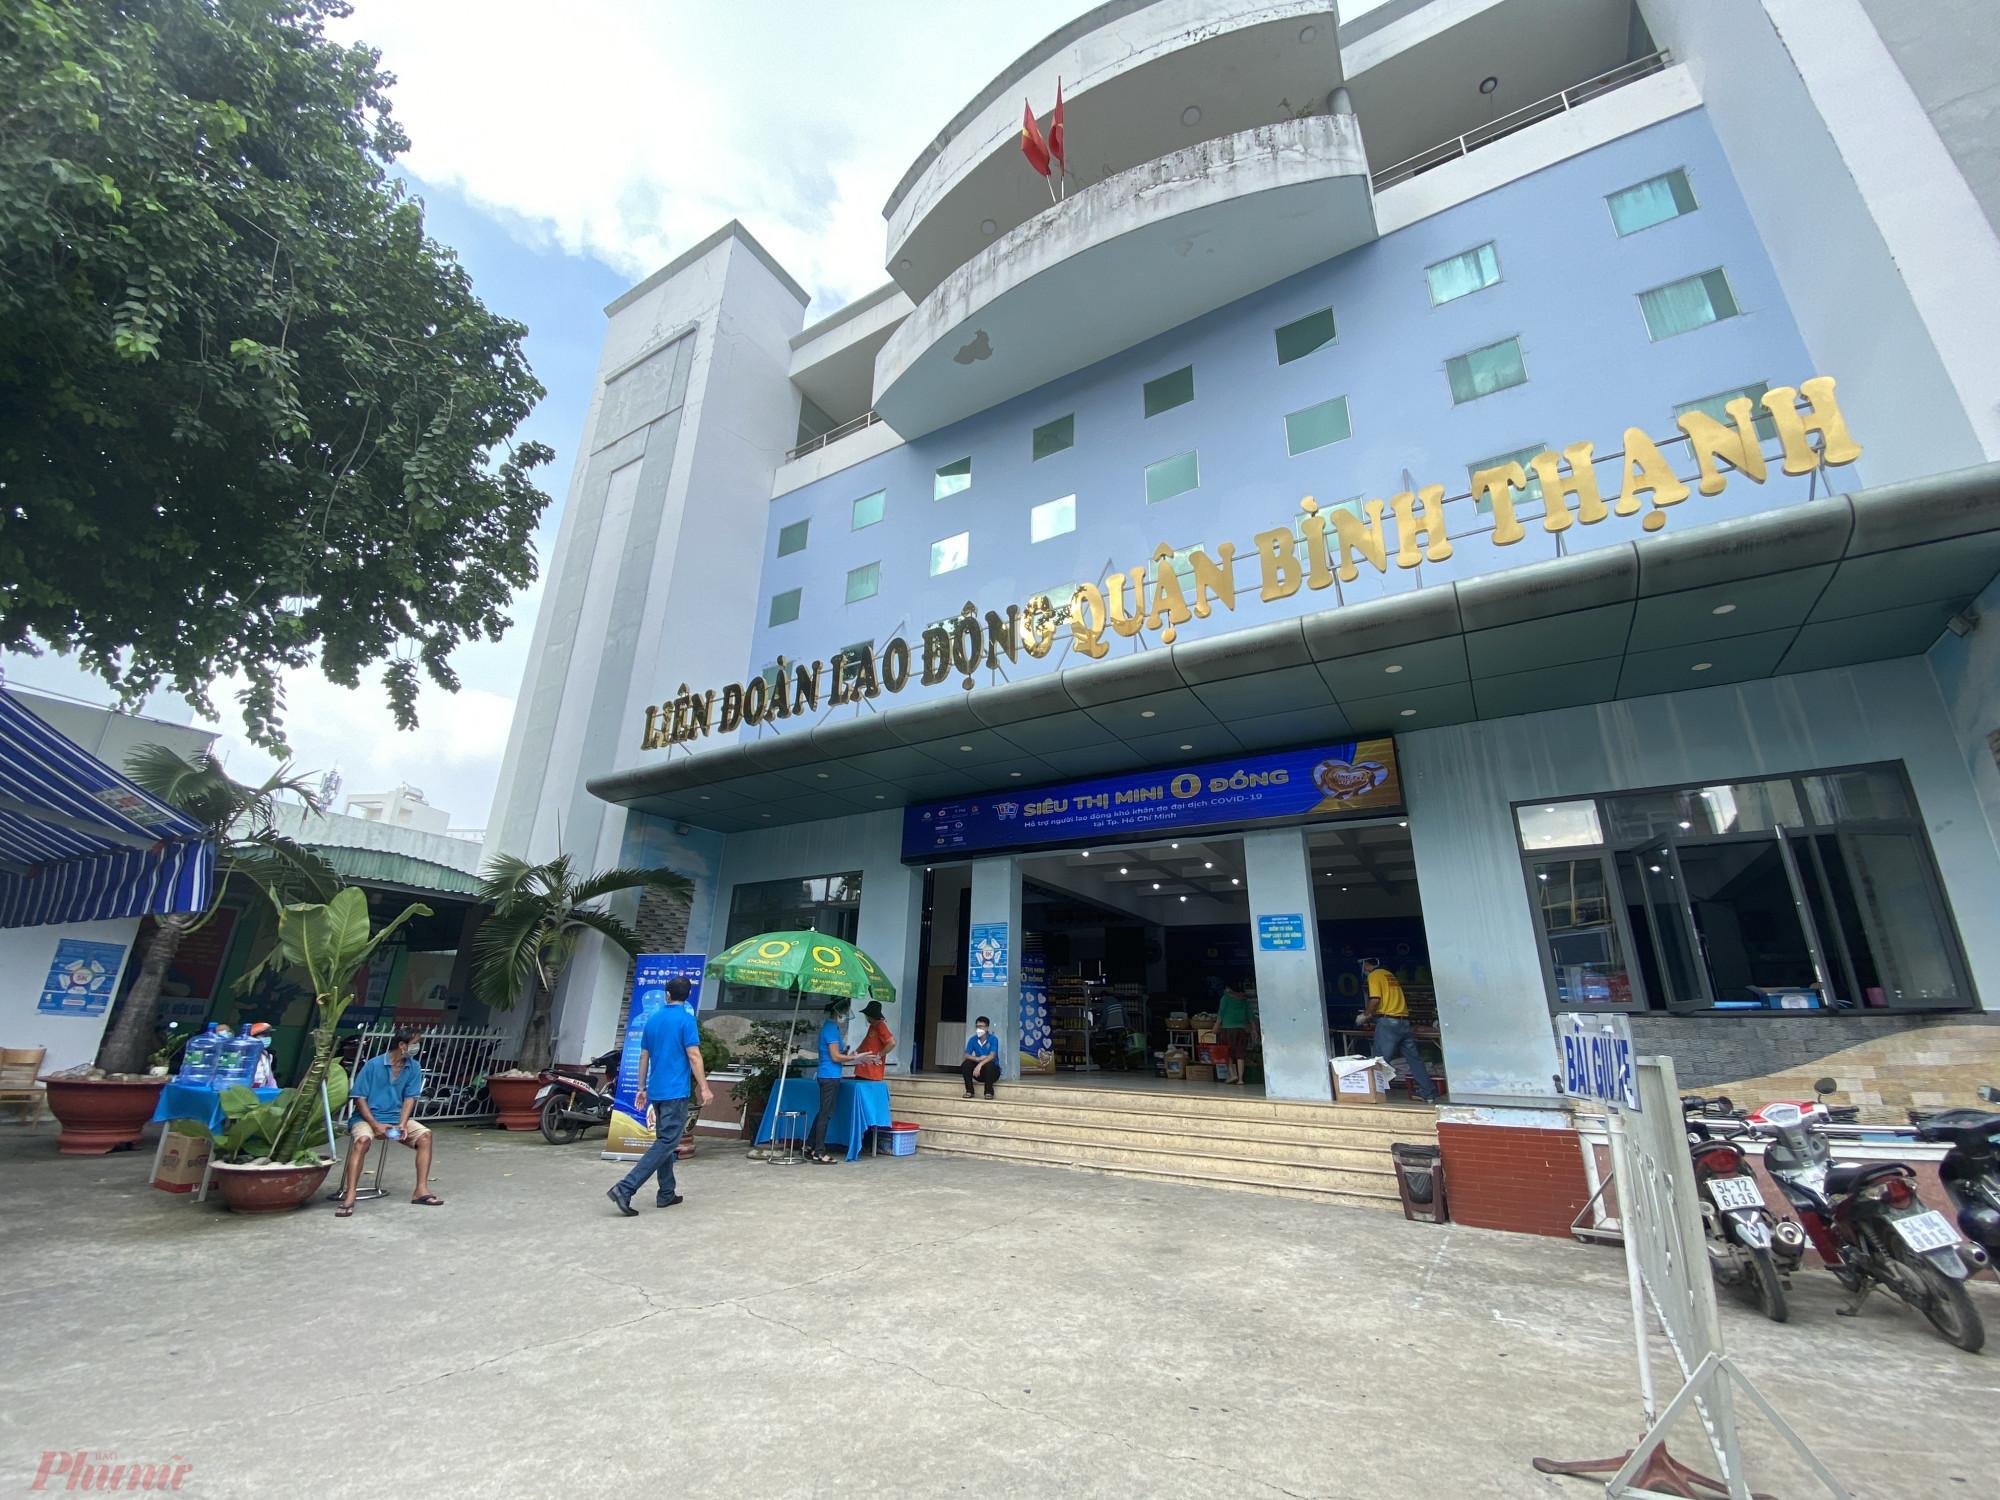 Ghi nhận của phóng viên báo Phụ Nữ TPHCM tạisiêu thị mini 0 số 290 đường Nơ Trang Long, quận Bình Thạnh, TPHCM vào chiều 11/7.